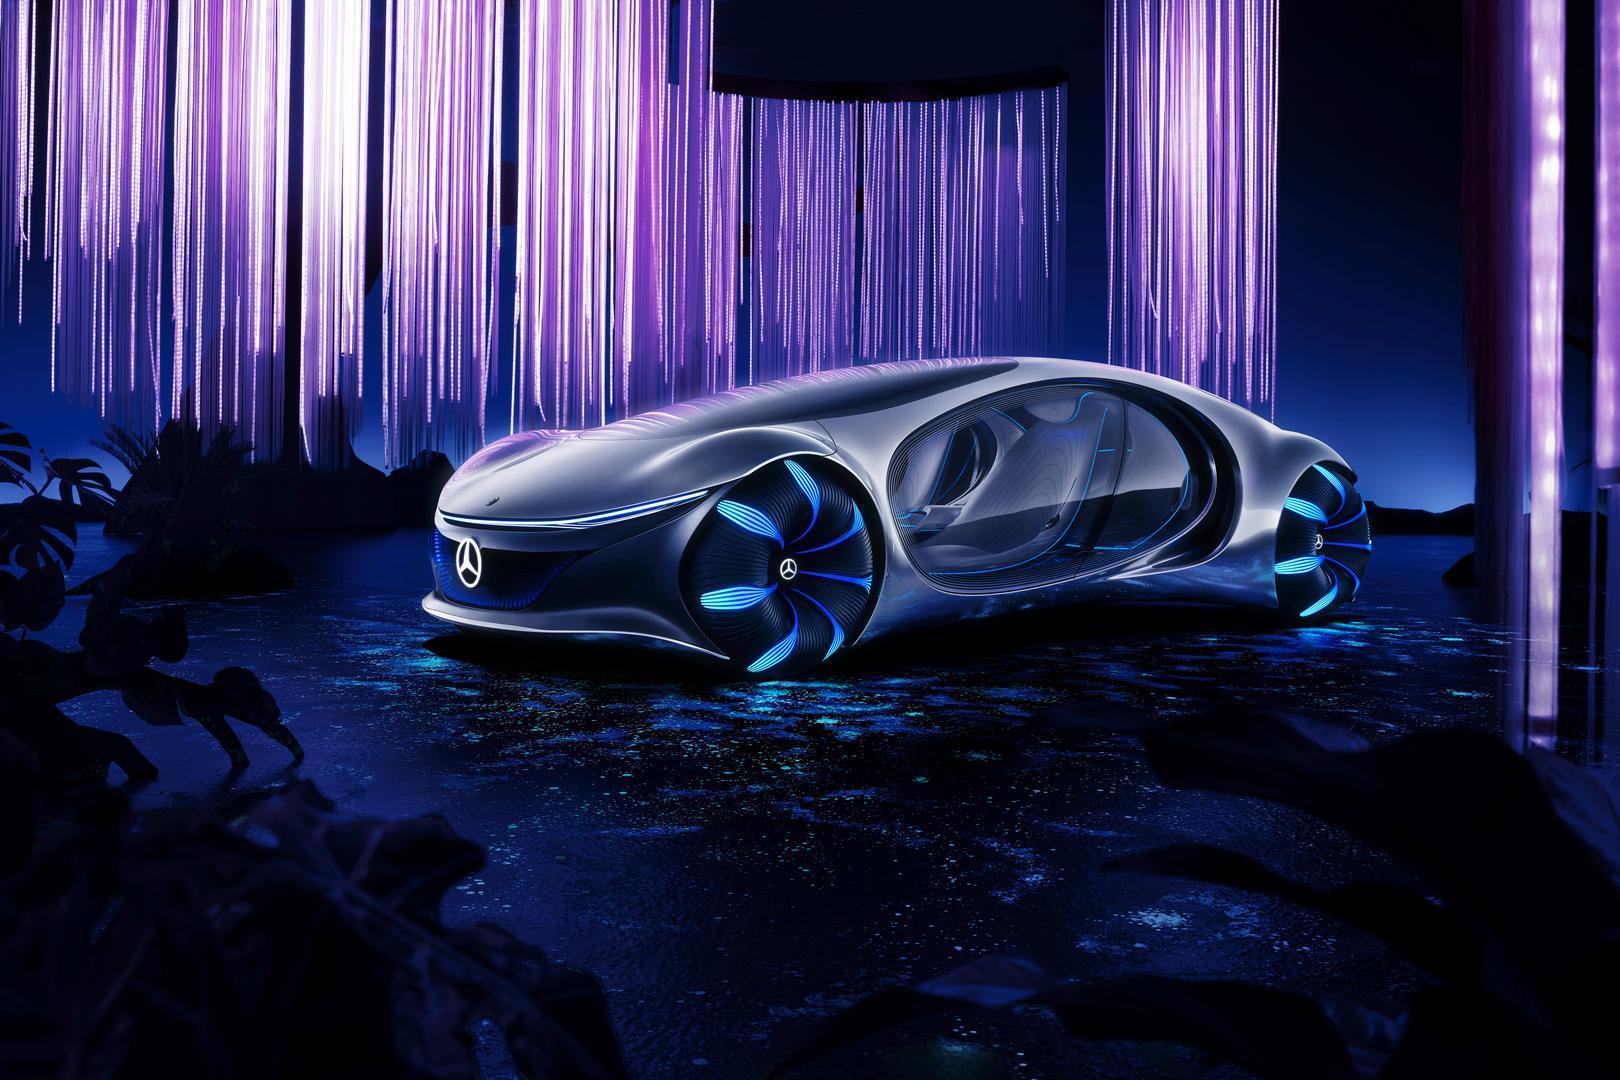 Mercedes-Vision AVTR Concept